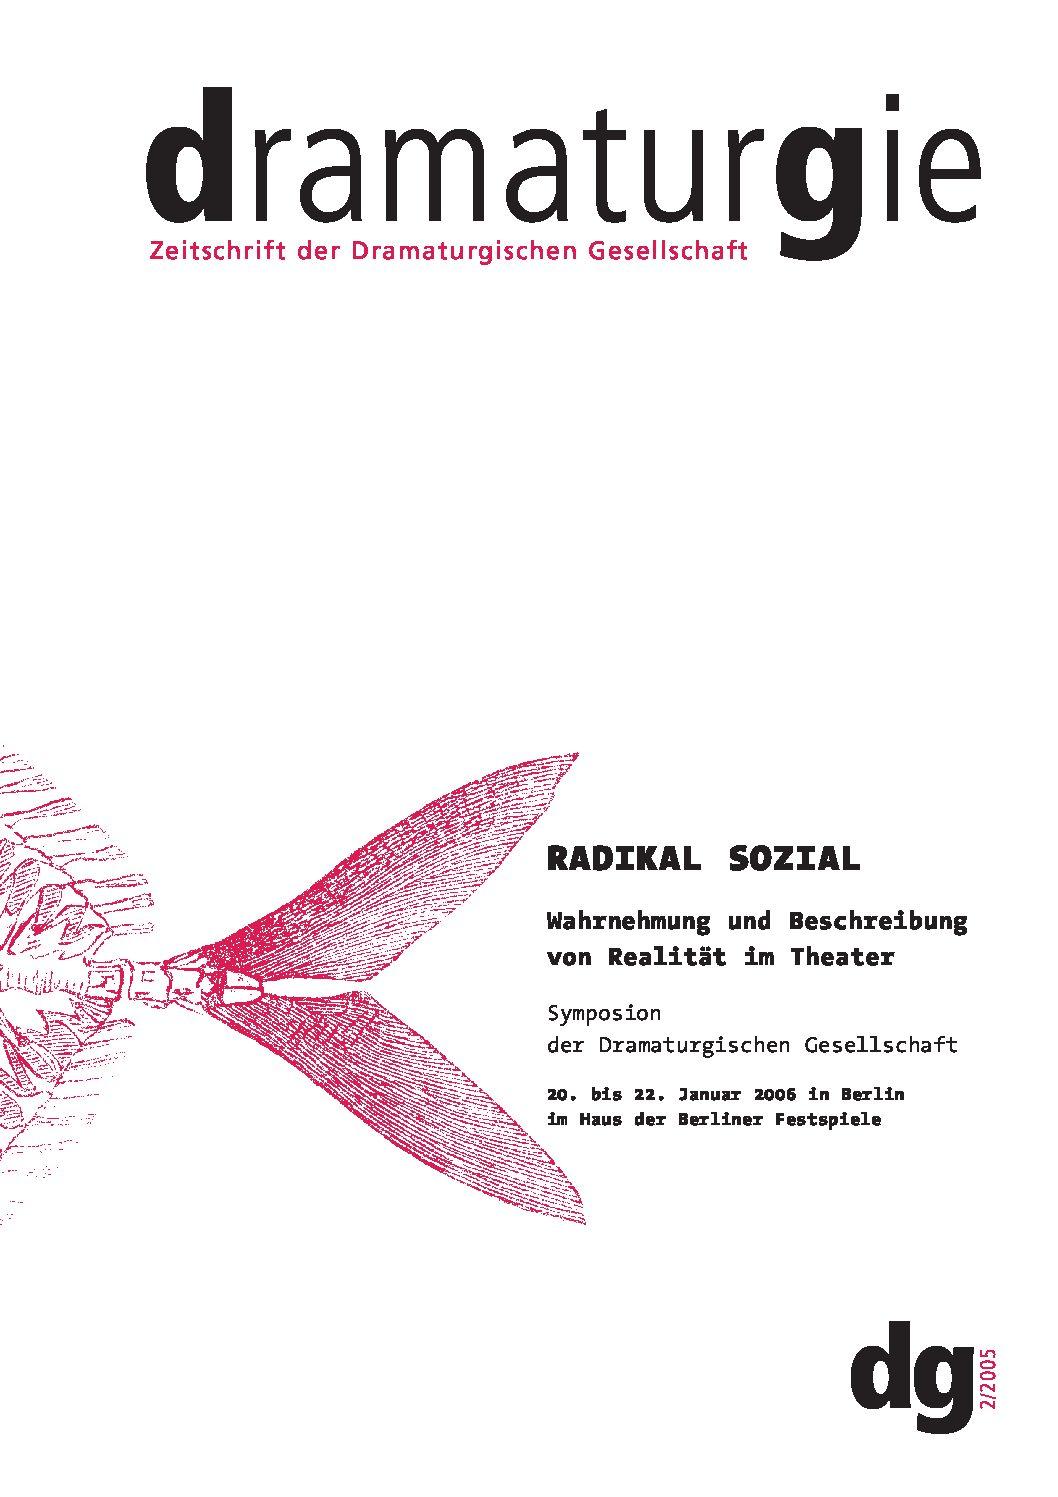 Thumbnail zum PDF: Dramaturgie 2005/2<br /> Radikal sozial. Wahrnehmung und Beschreibung von Realität im Theater<br />